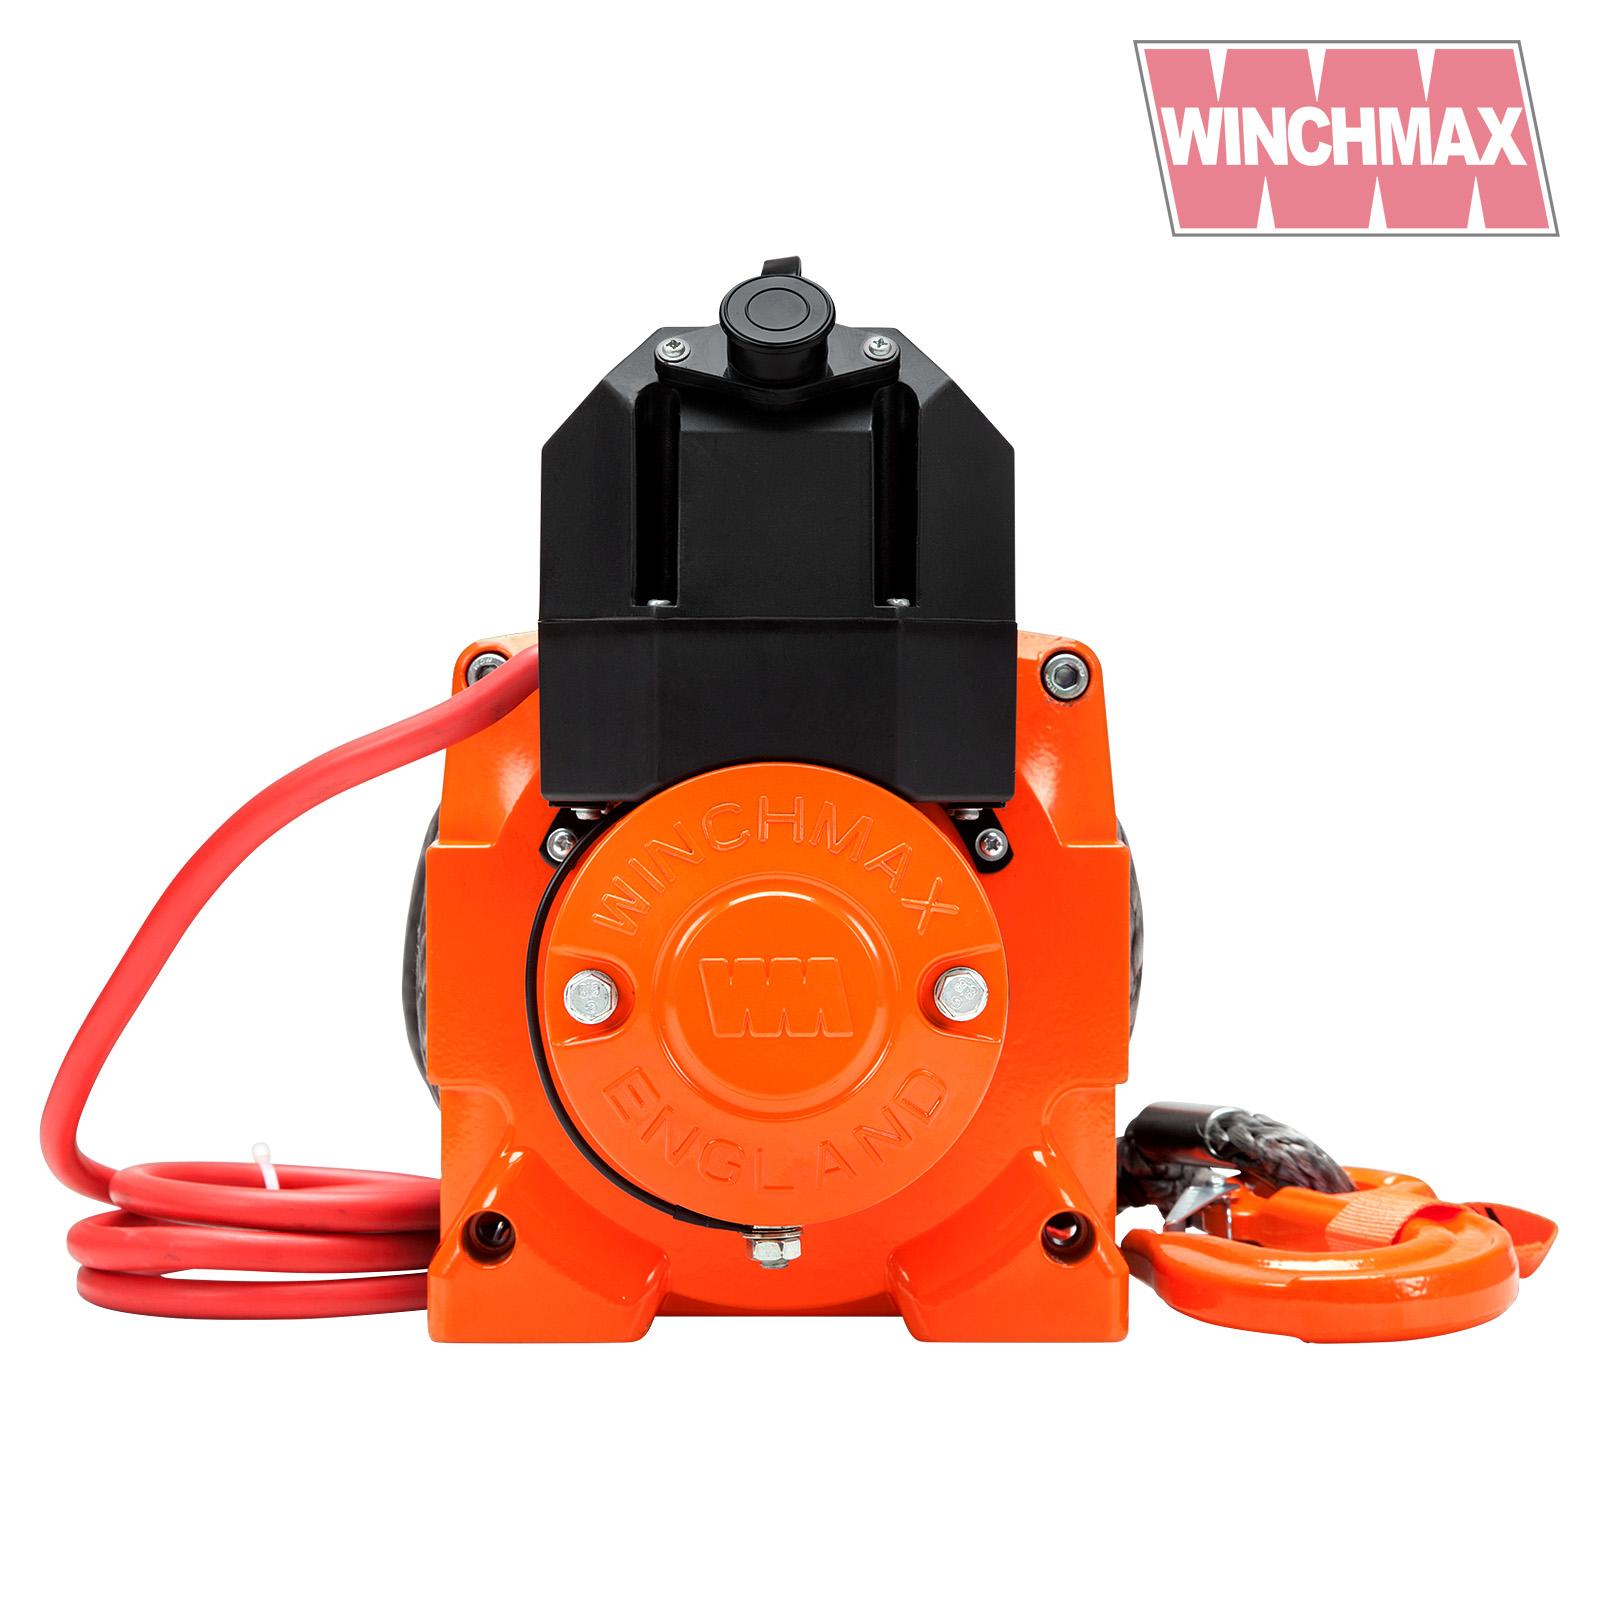 Wm1700012vrs winchmax 074